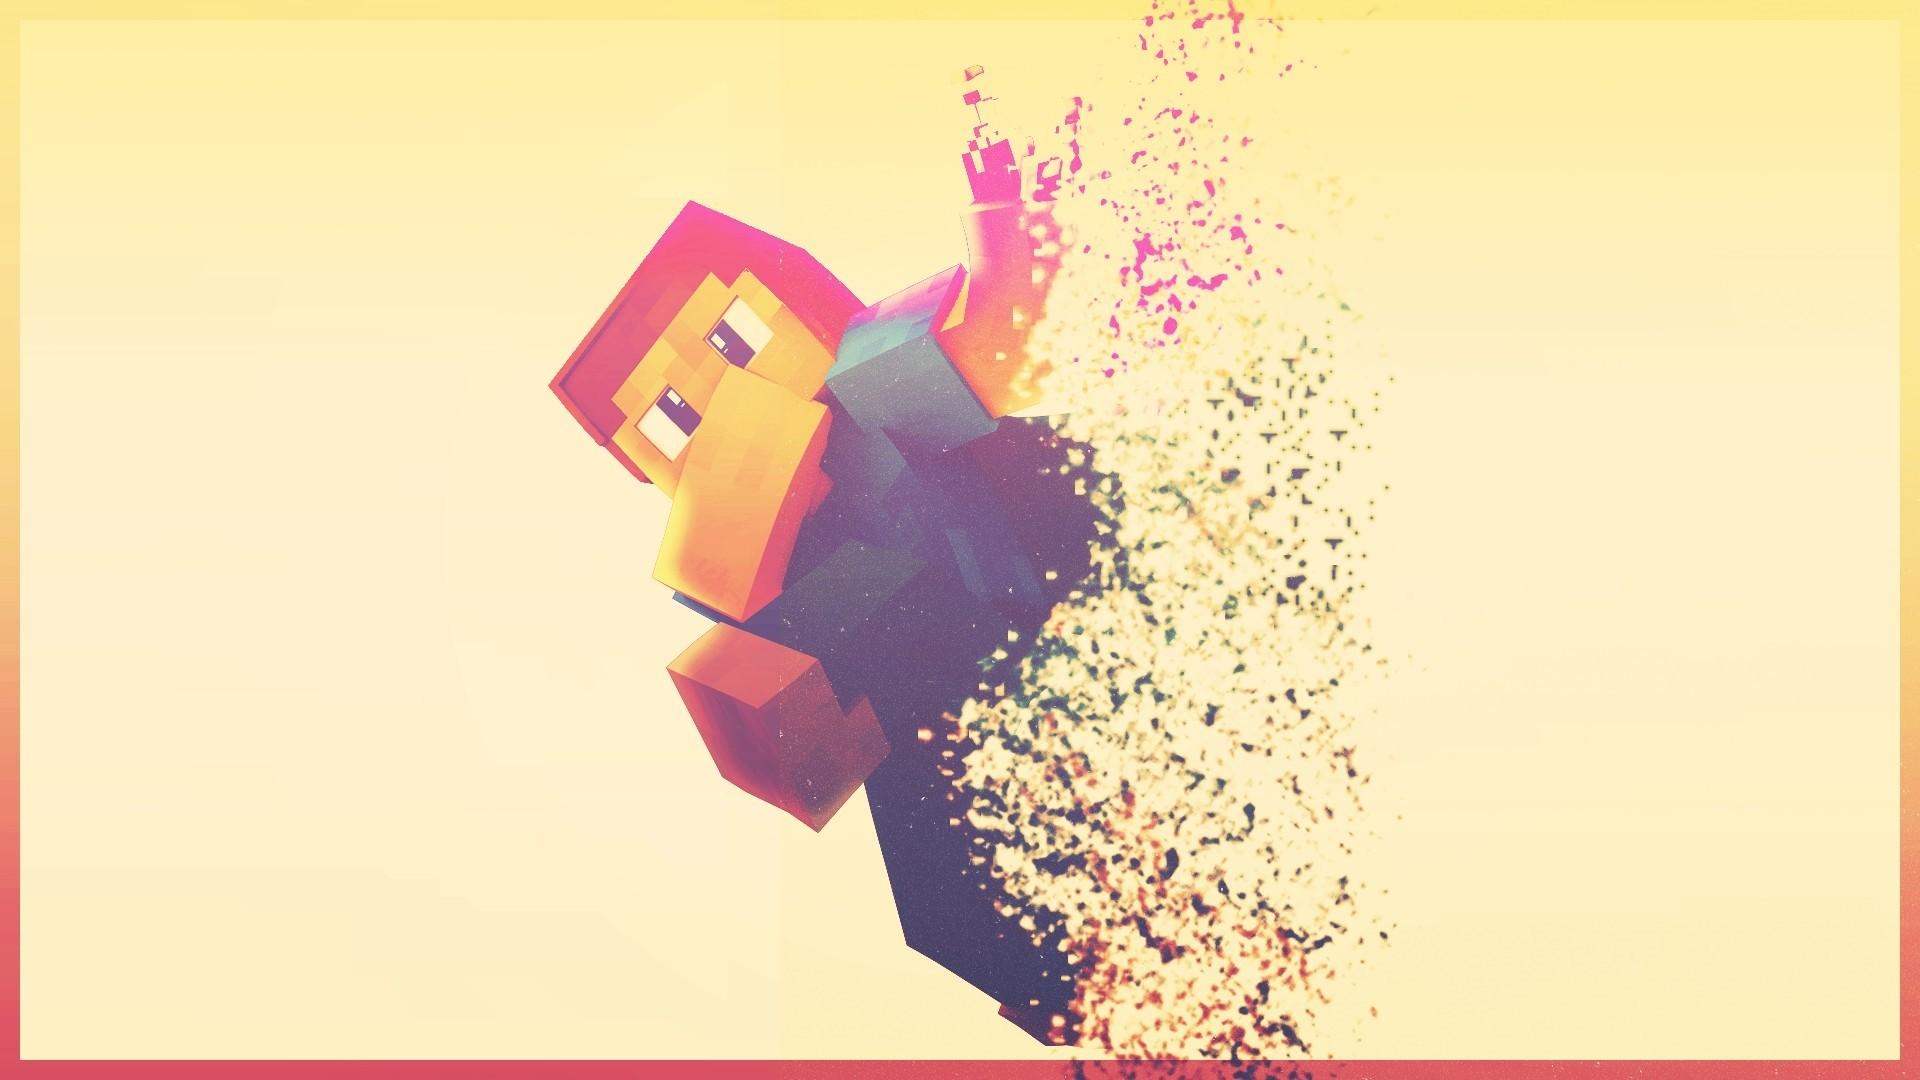 Minecraft Minimalist Background